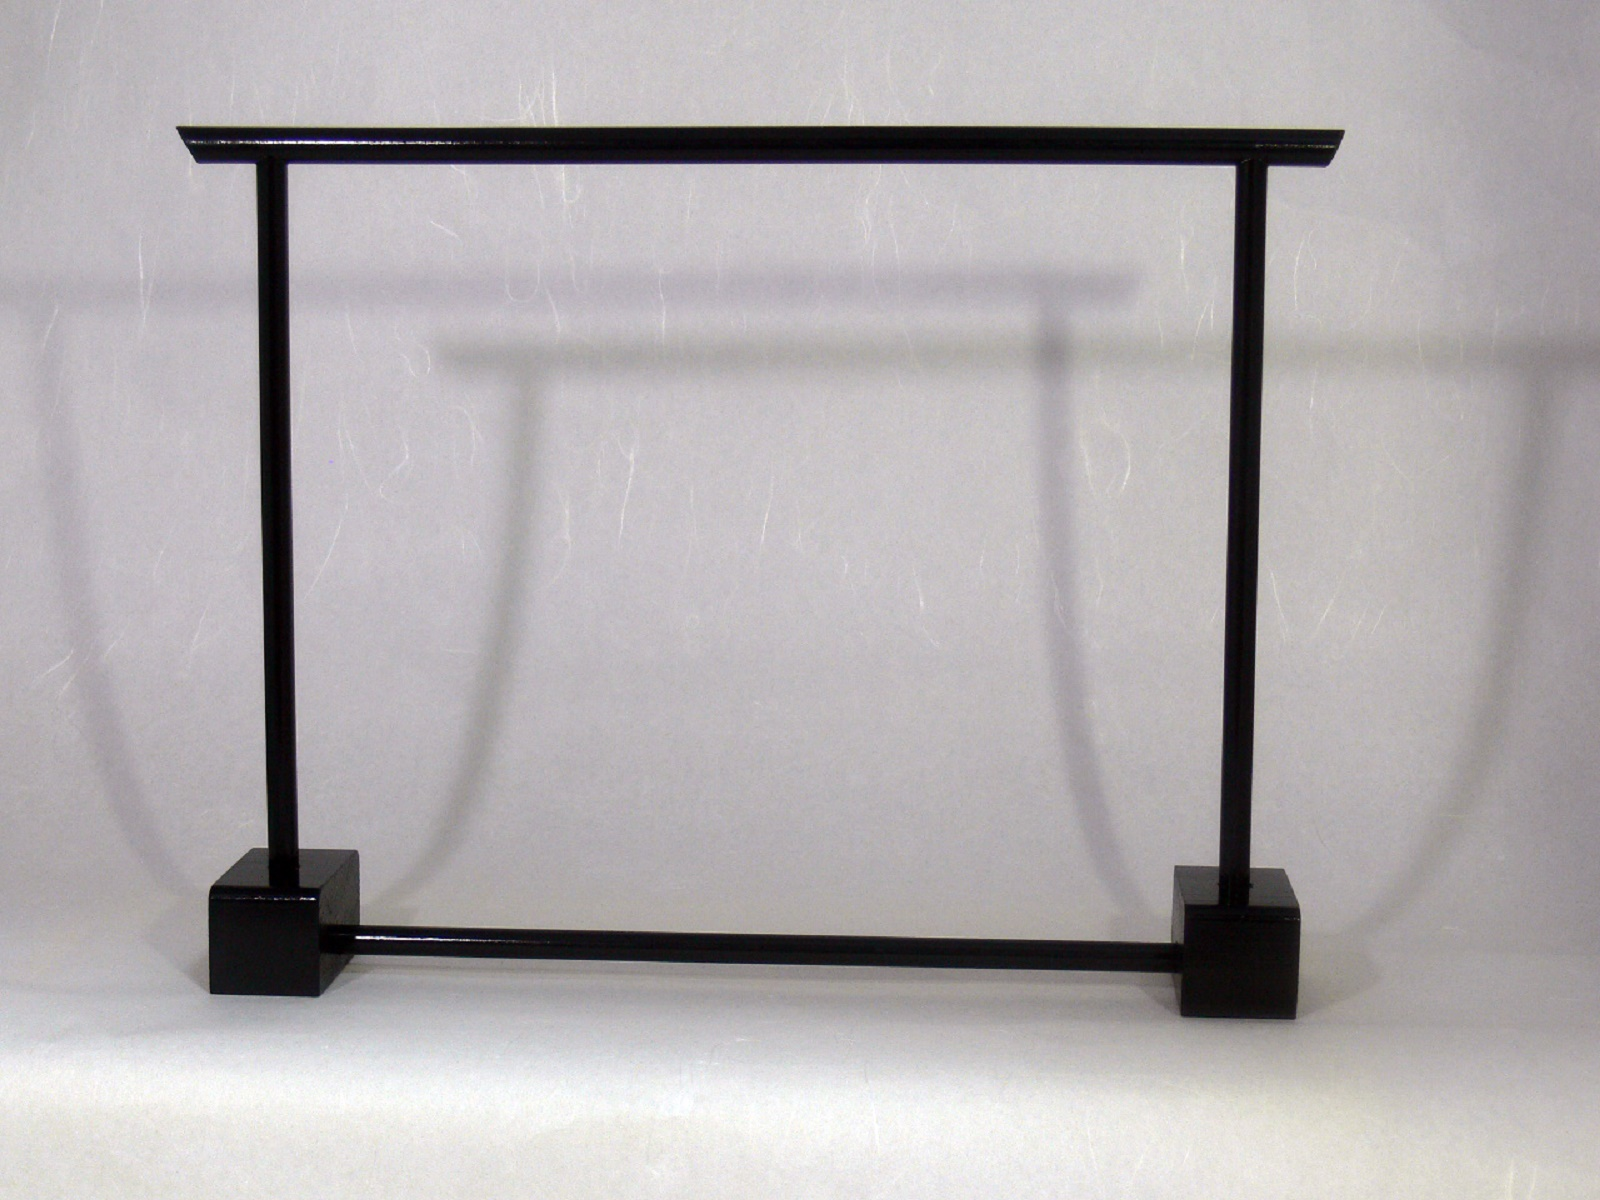 小ロット手作り衣桁 いこう 供え 製造販売 1 C 信用 5ミニ衣桁 高さ27.0cm